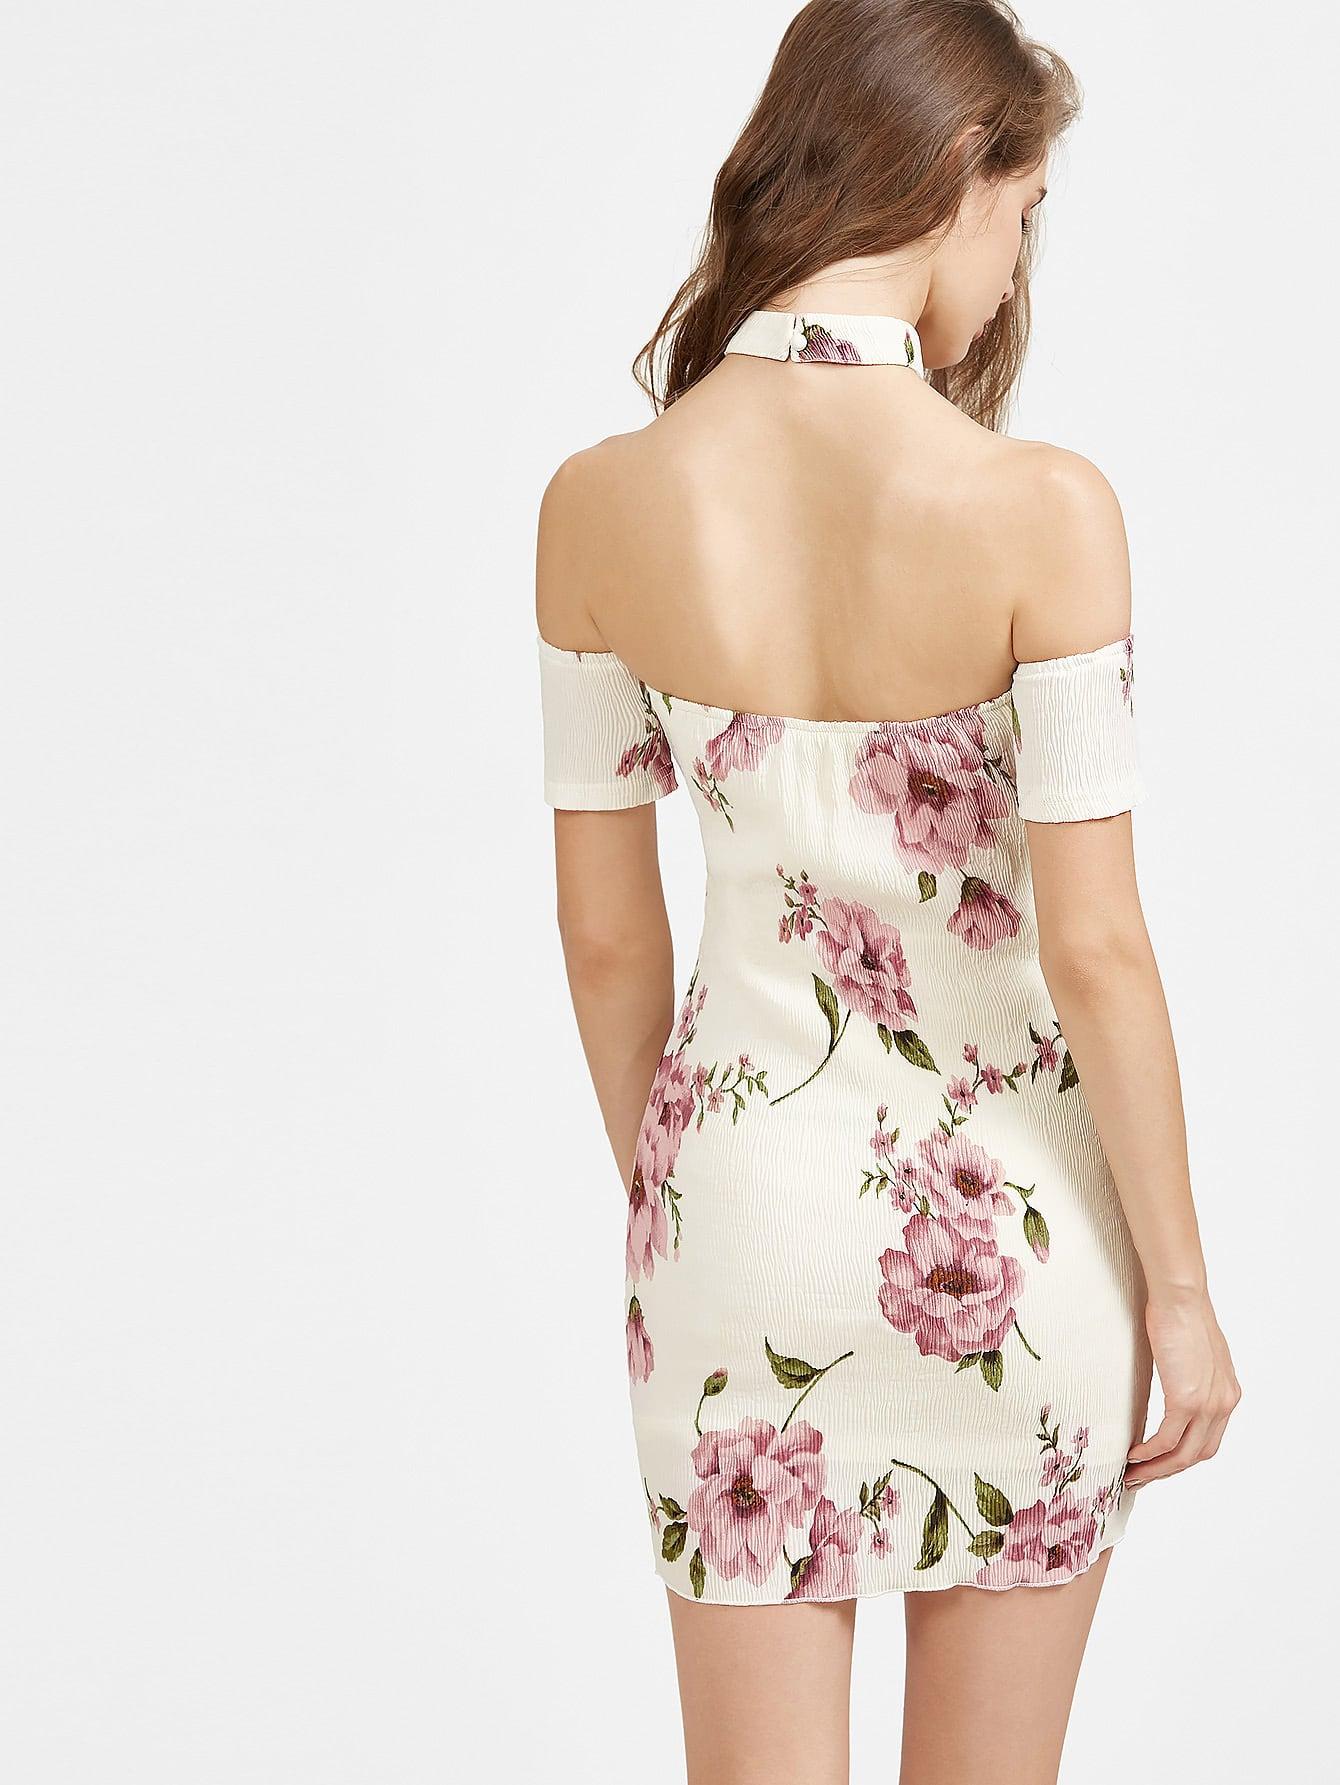 dress170120445_1